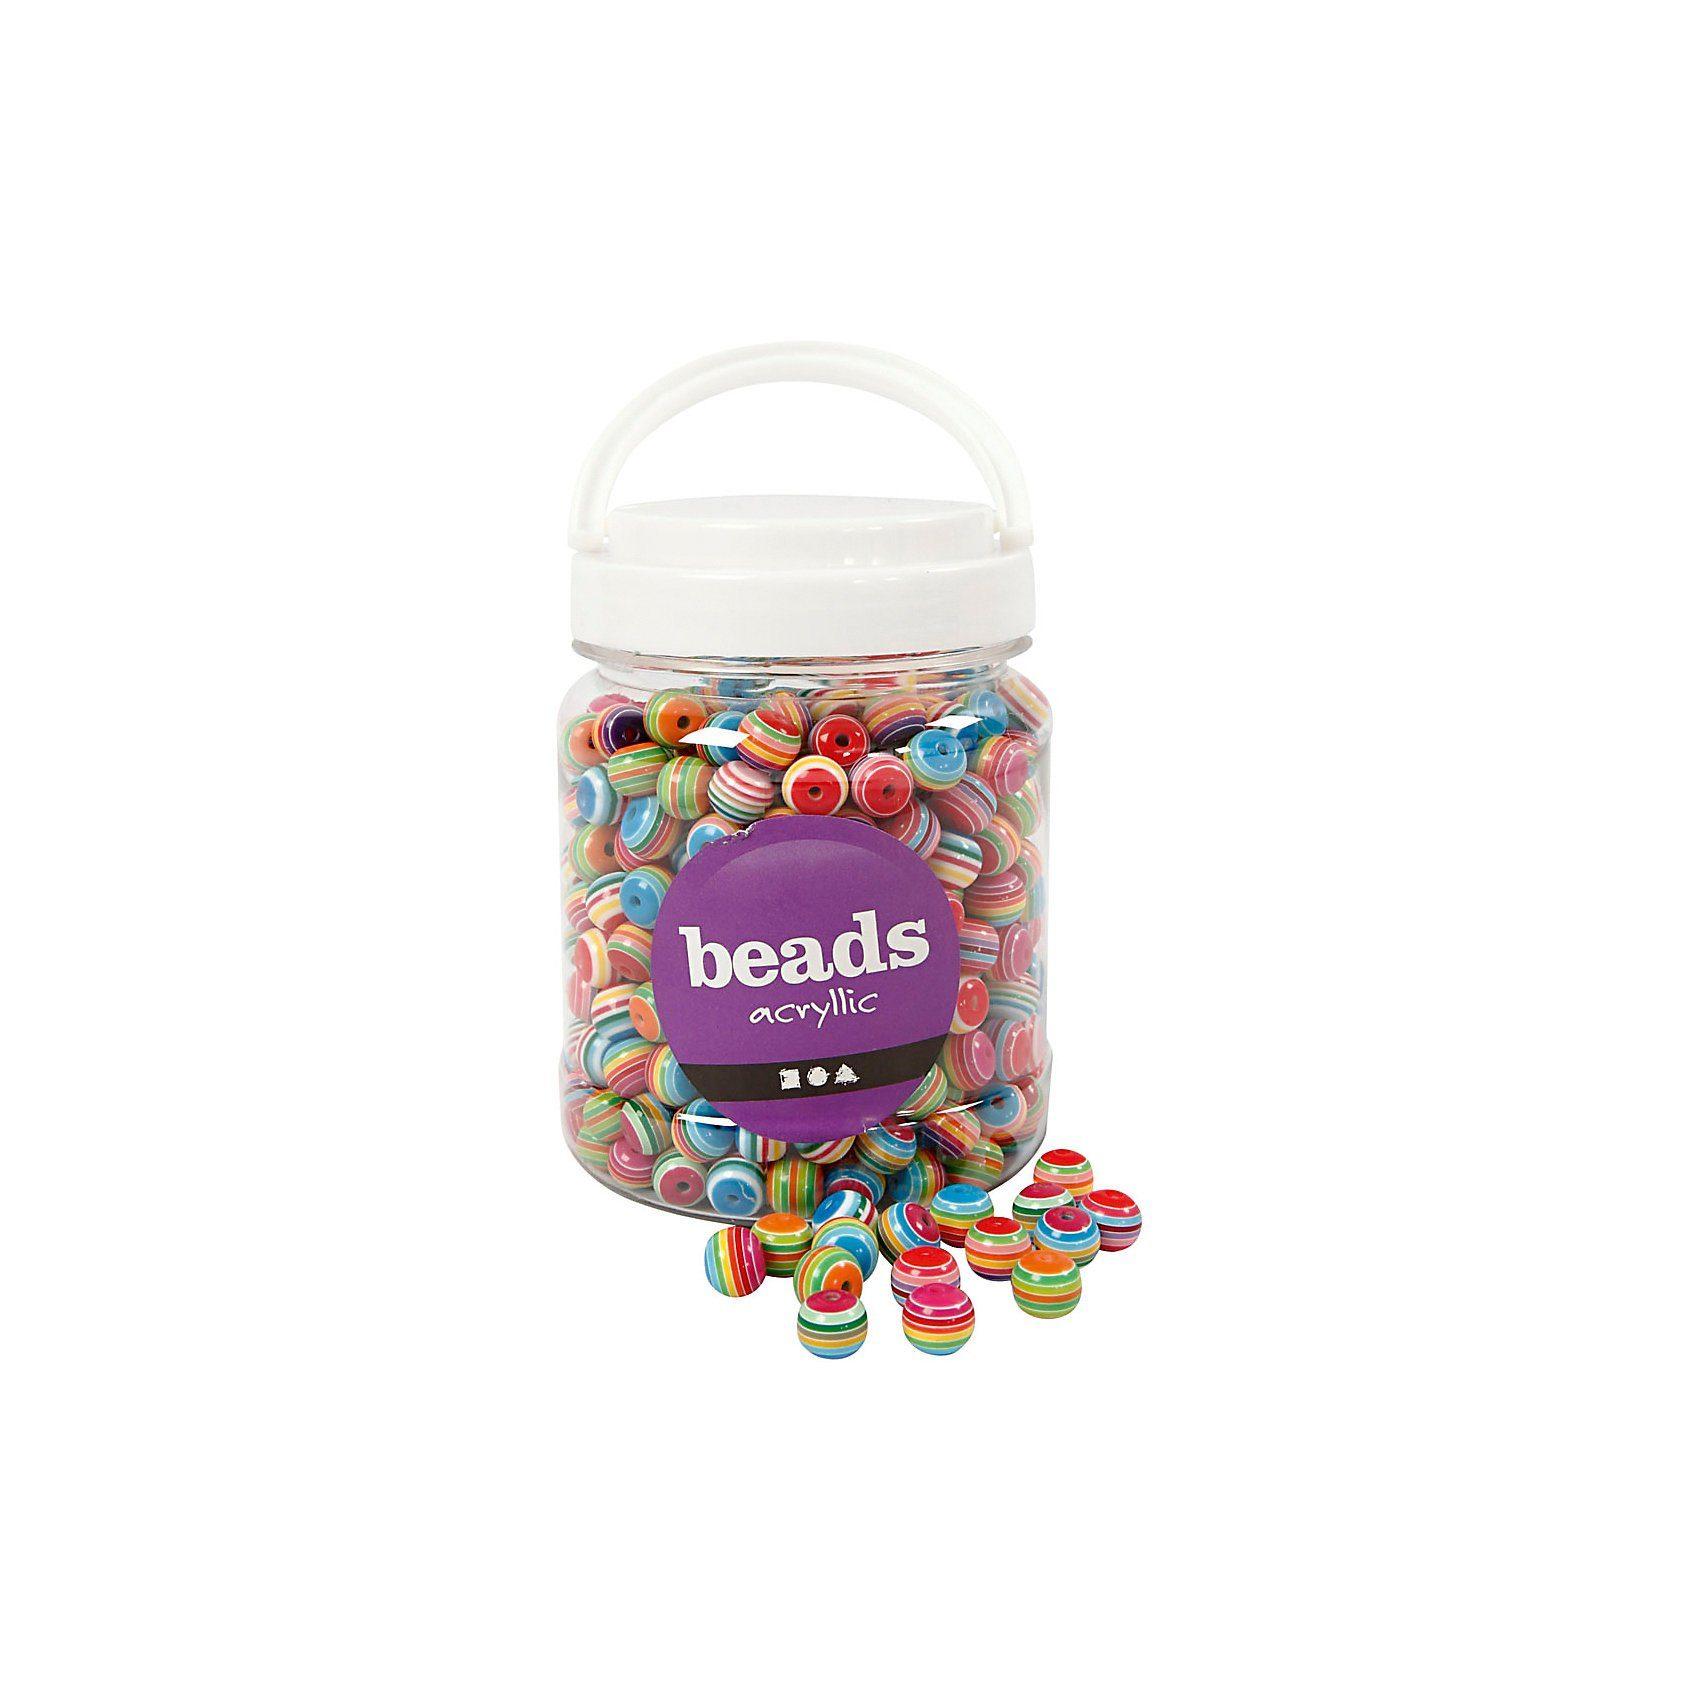 Acryl-Perlen-Mix, D: 12 mm, Lochgröße 1,5 mm, 500 g, ca. 530